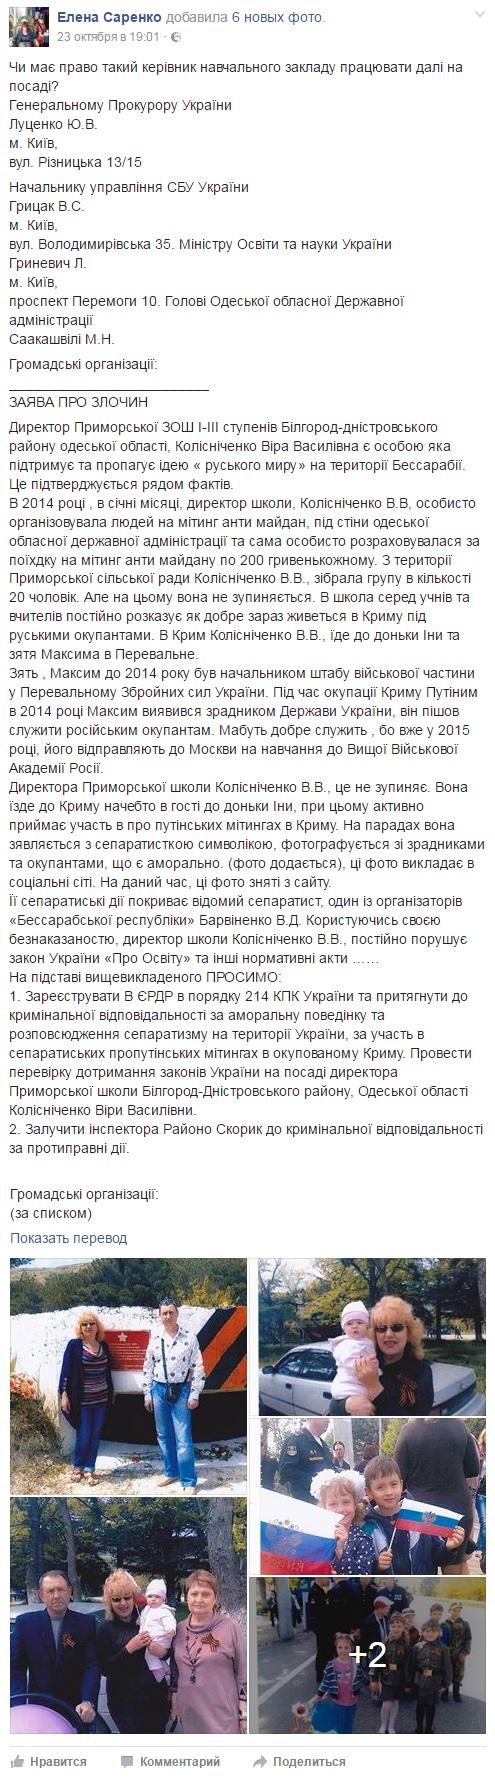 """В Б-Днестровском р-не ополчились на директора школы, которая """"пропагандирует """"русский мир"""" в Бессарабии"""""""